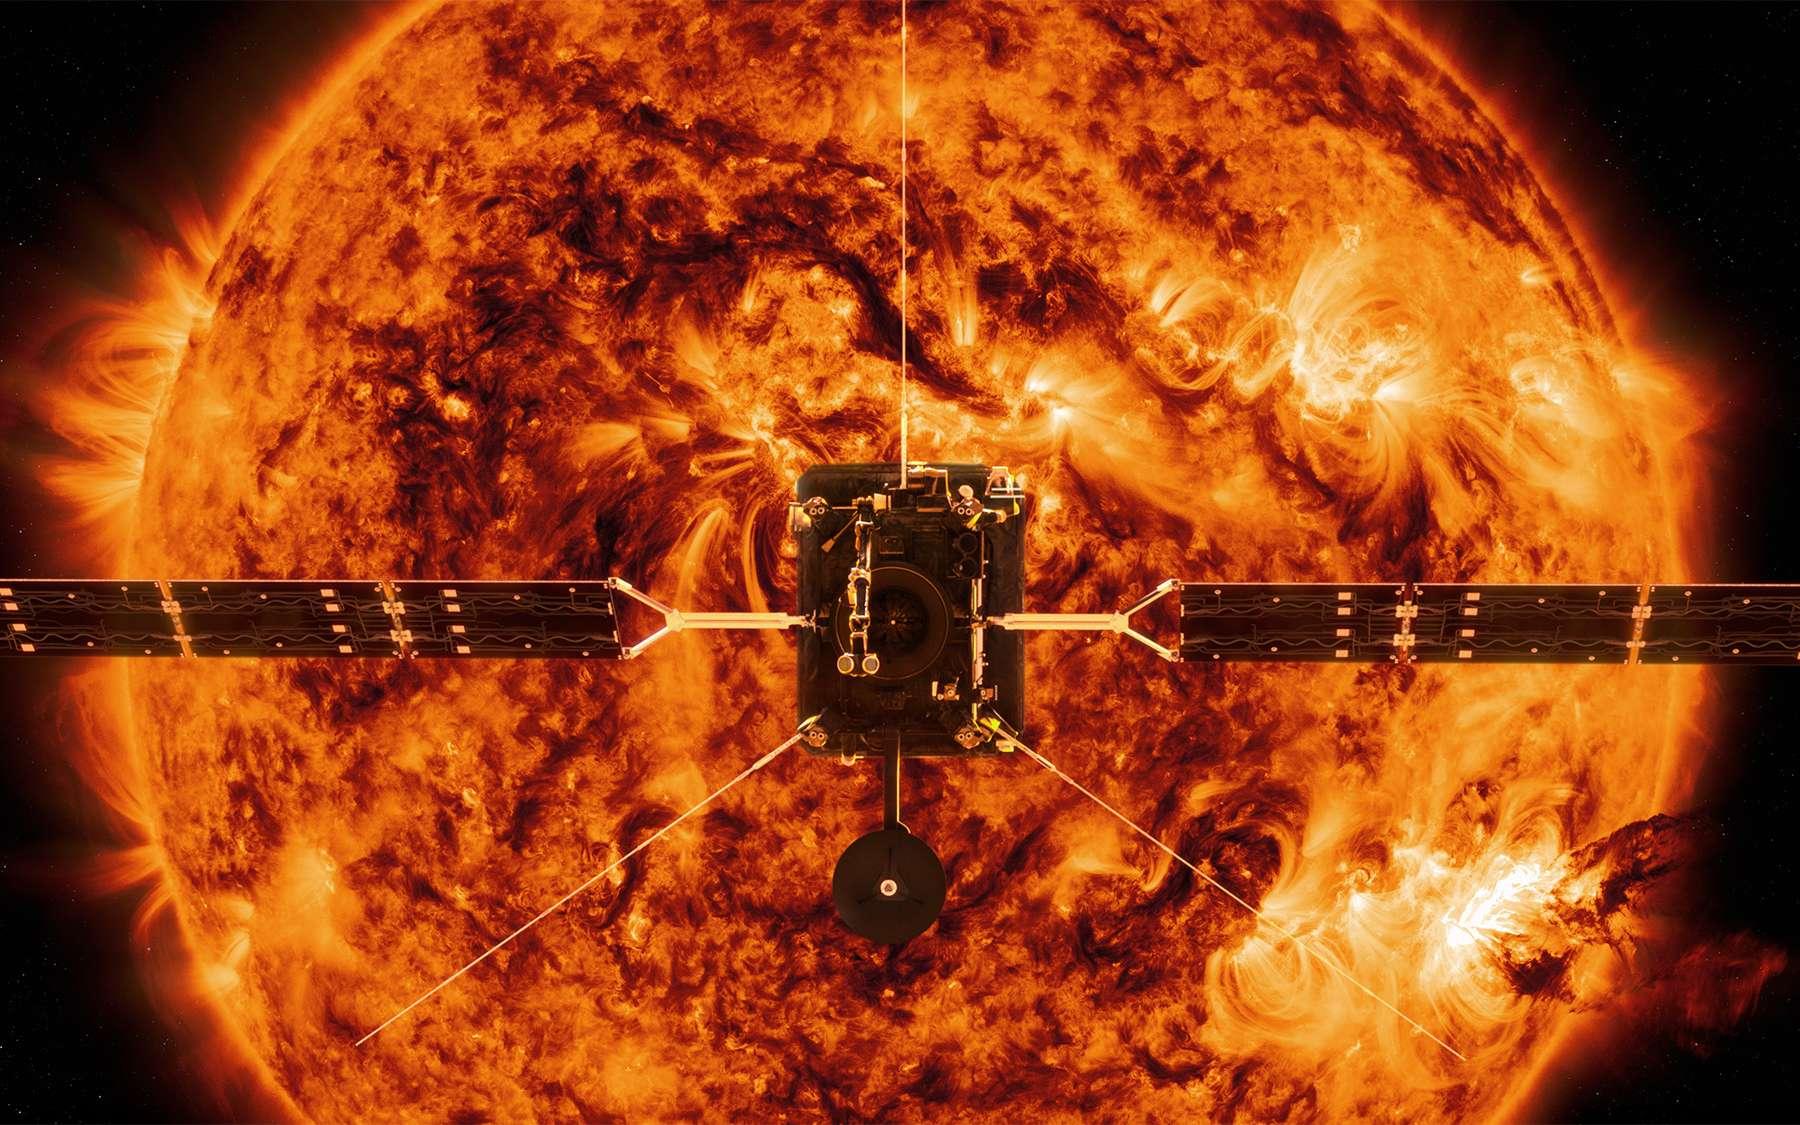 La sonde Solar Orbiter de l'Agence spatiale européenne à laquelle la Nasa participe en fournissant deux instruments et le lanceur. © ESA, Nasa